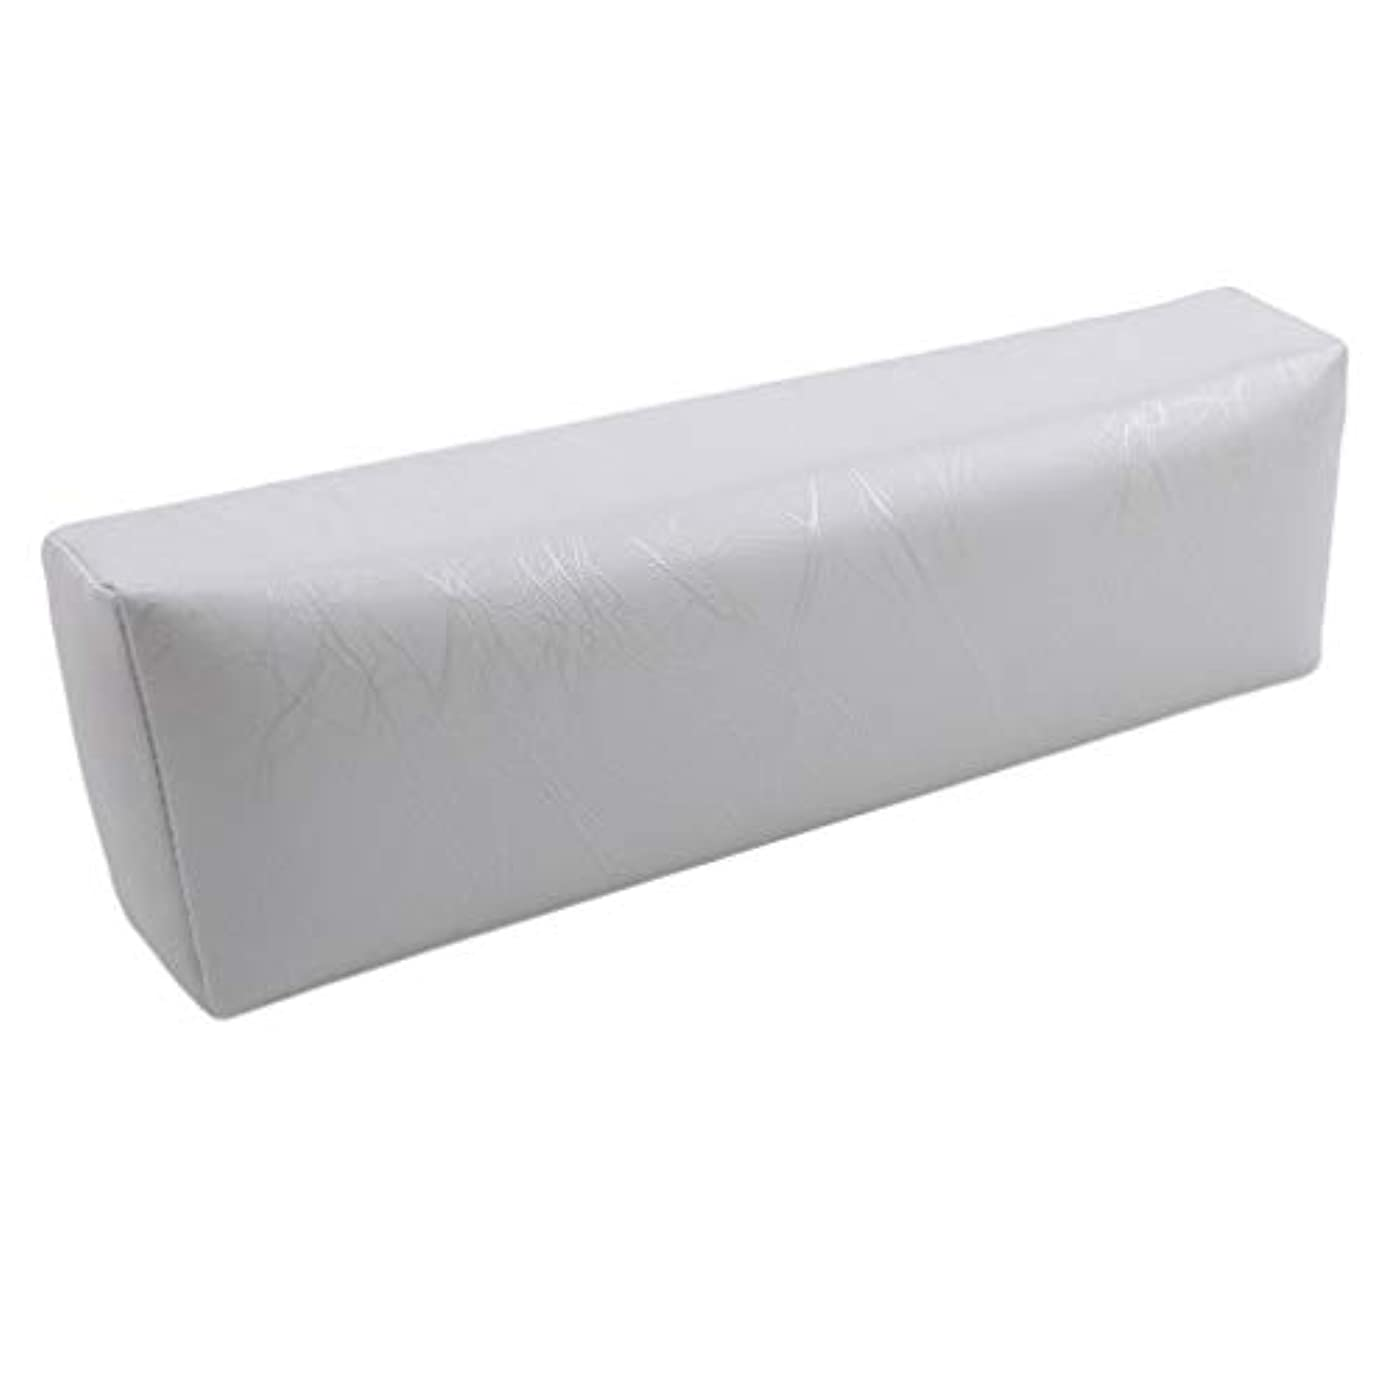 未満再生的木MODMHB マニキュア ネイルアートクッション ハンドレスト枕 ネイル マット レザー 腕枕 腕マクラ 腕置き 肘置き